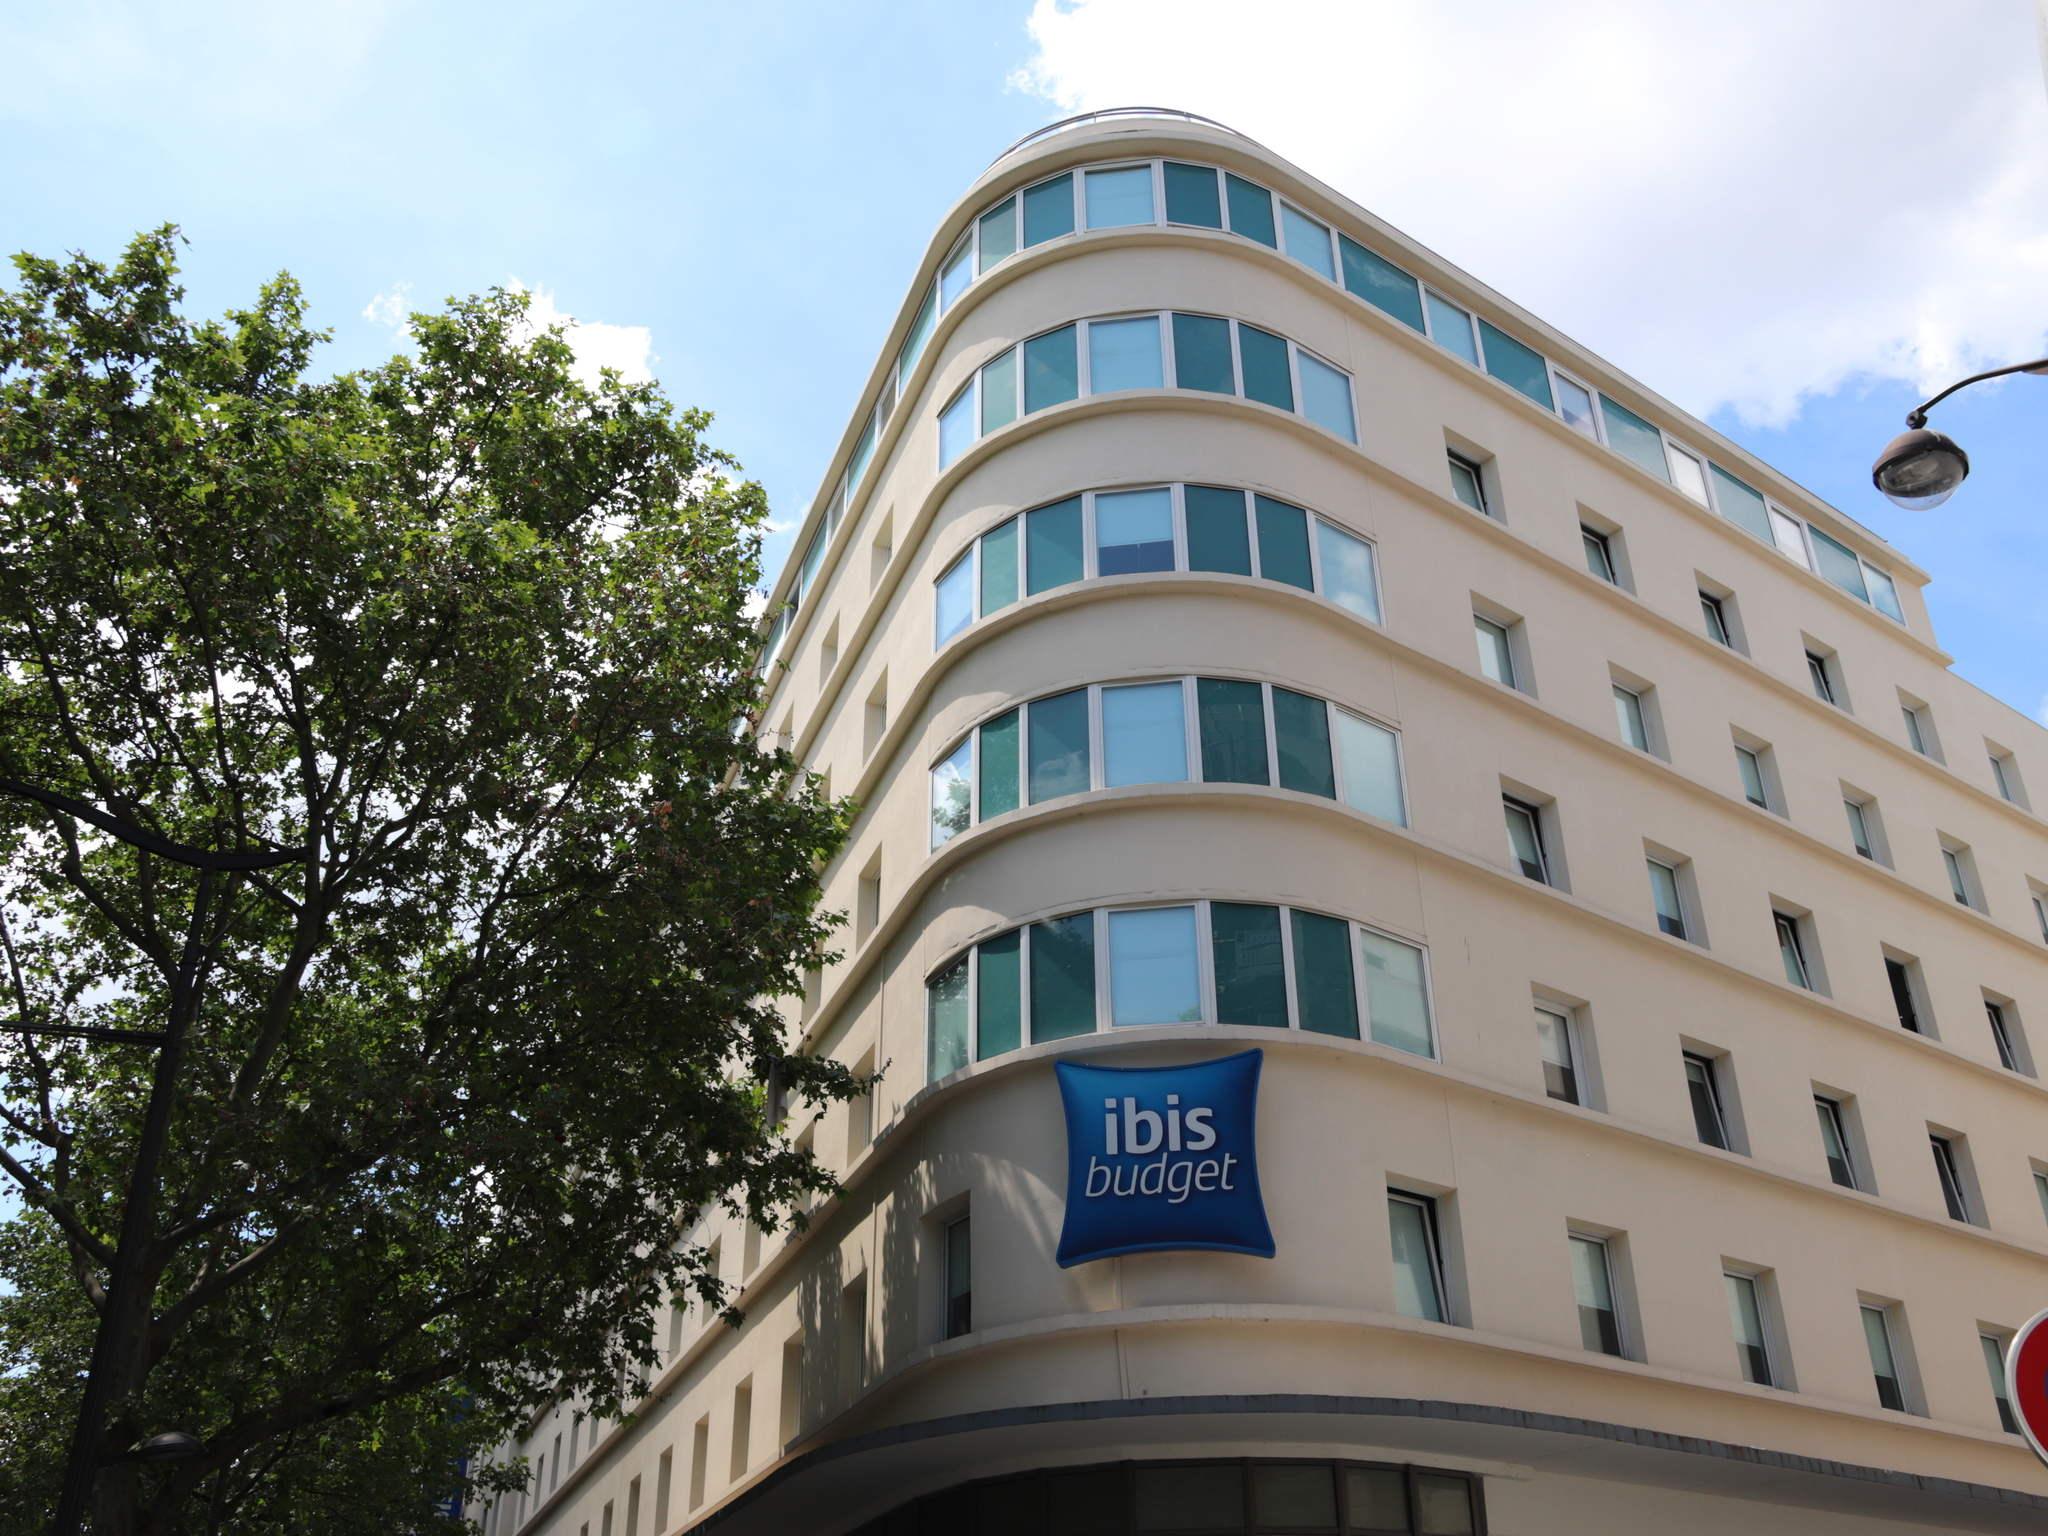 酒店 – ibis budget 巴黎拉维莱特 19 区酒店